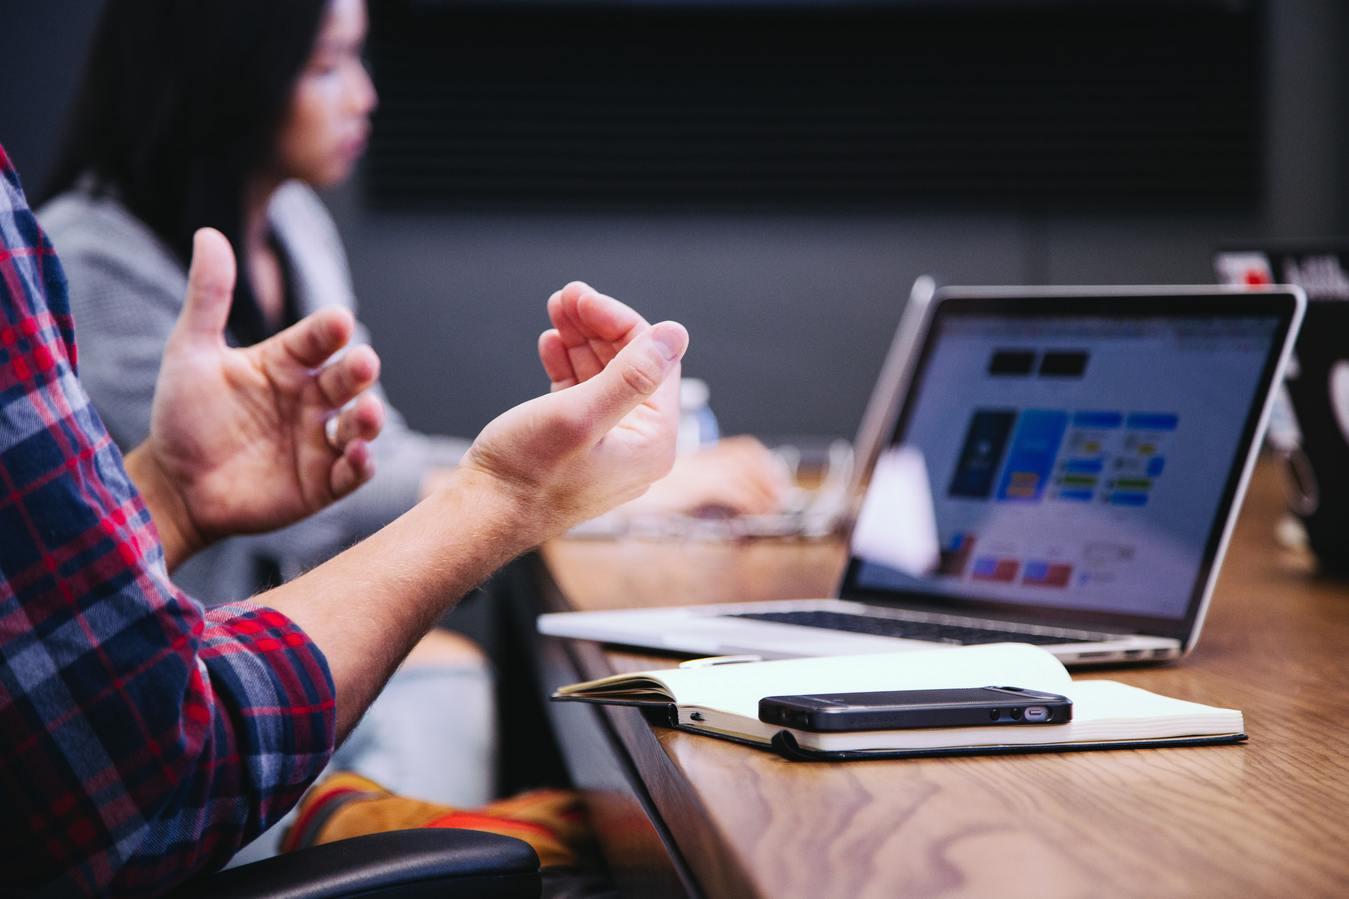 Une équipe qui discute dans une salle de conférence avec un ordinateur et un cahier sur la table